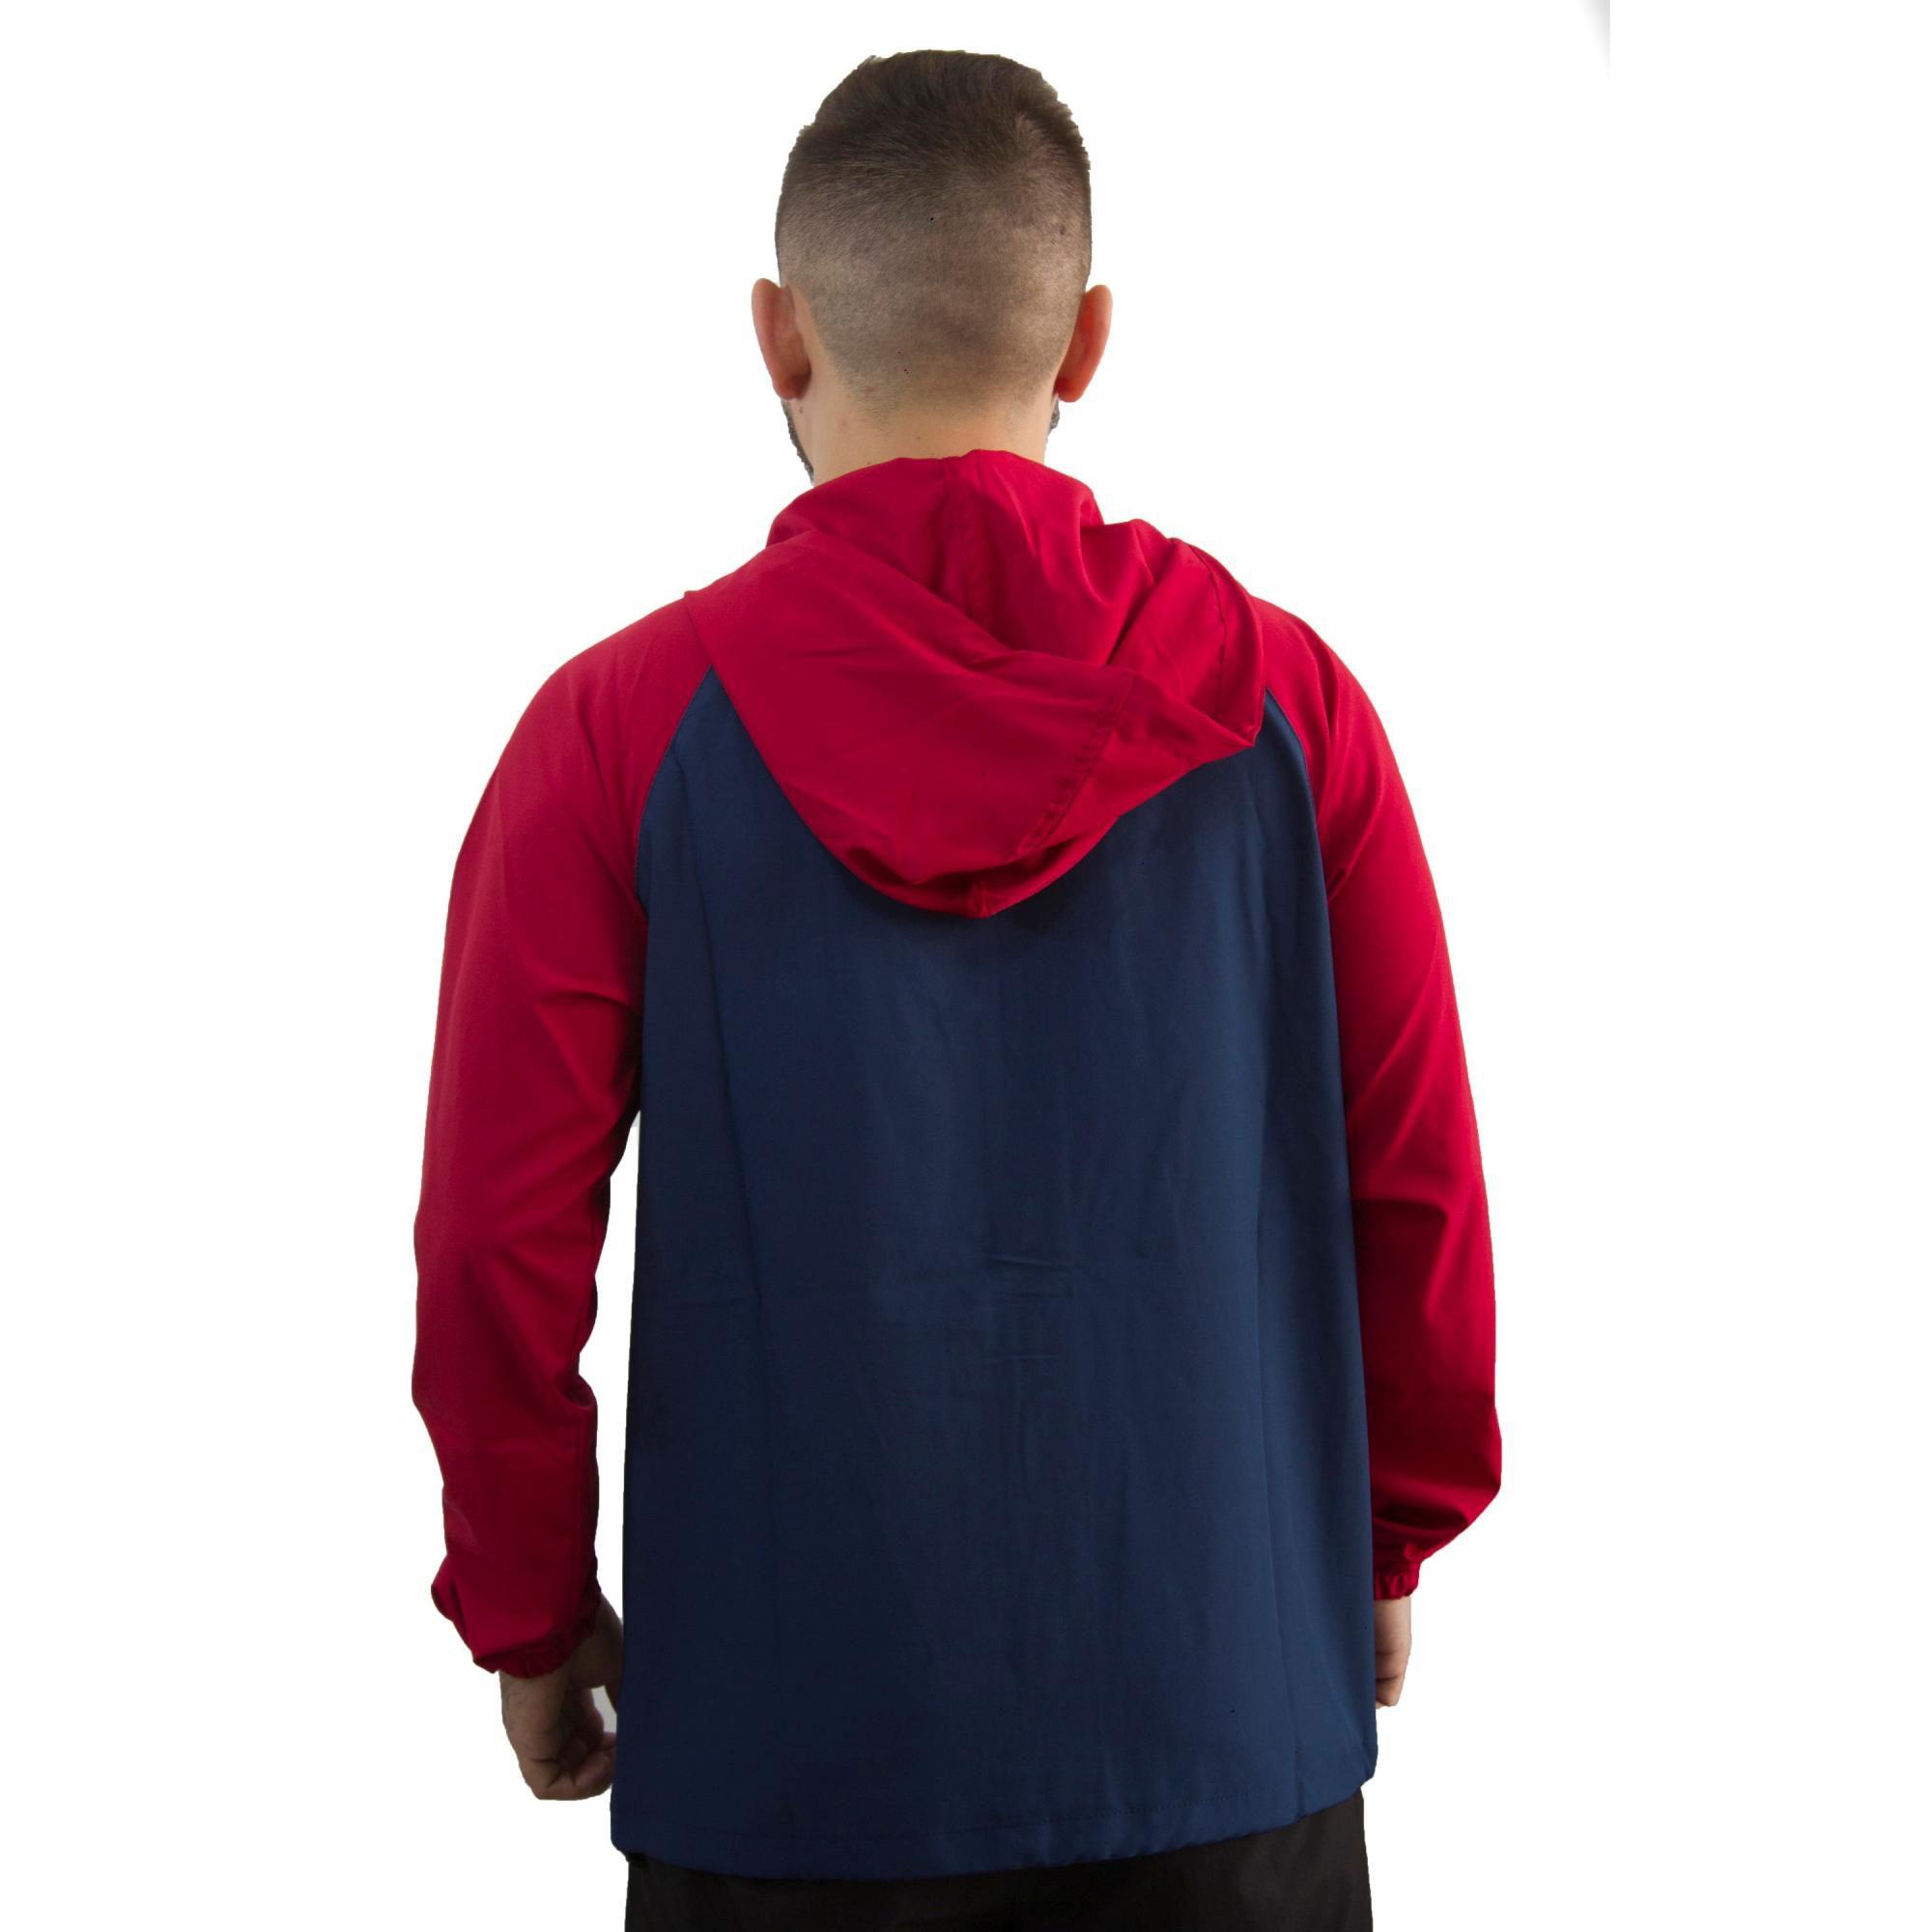 Jaqueta Hurley Marinho / Vermelho